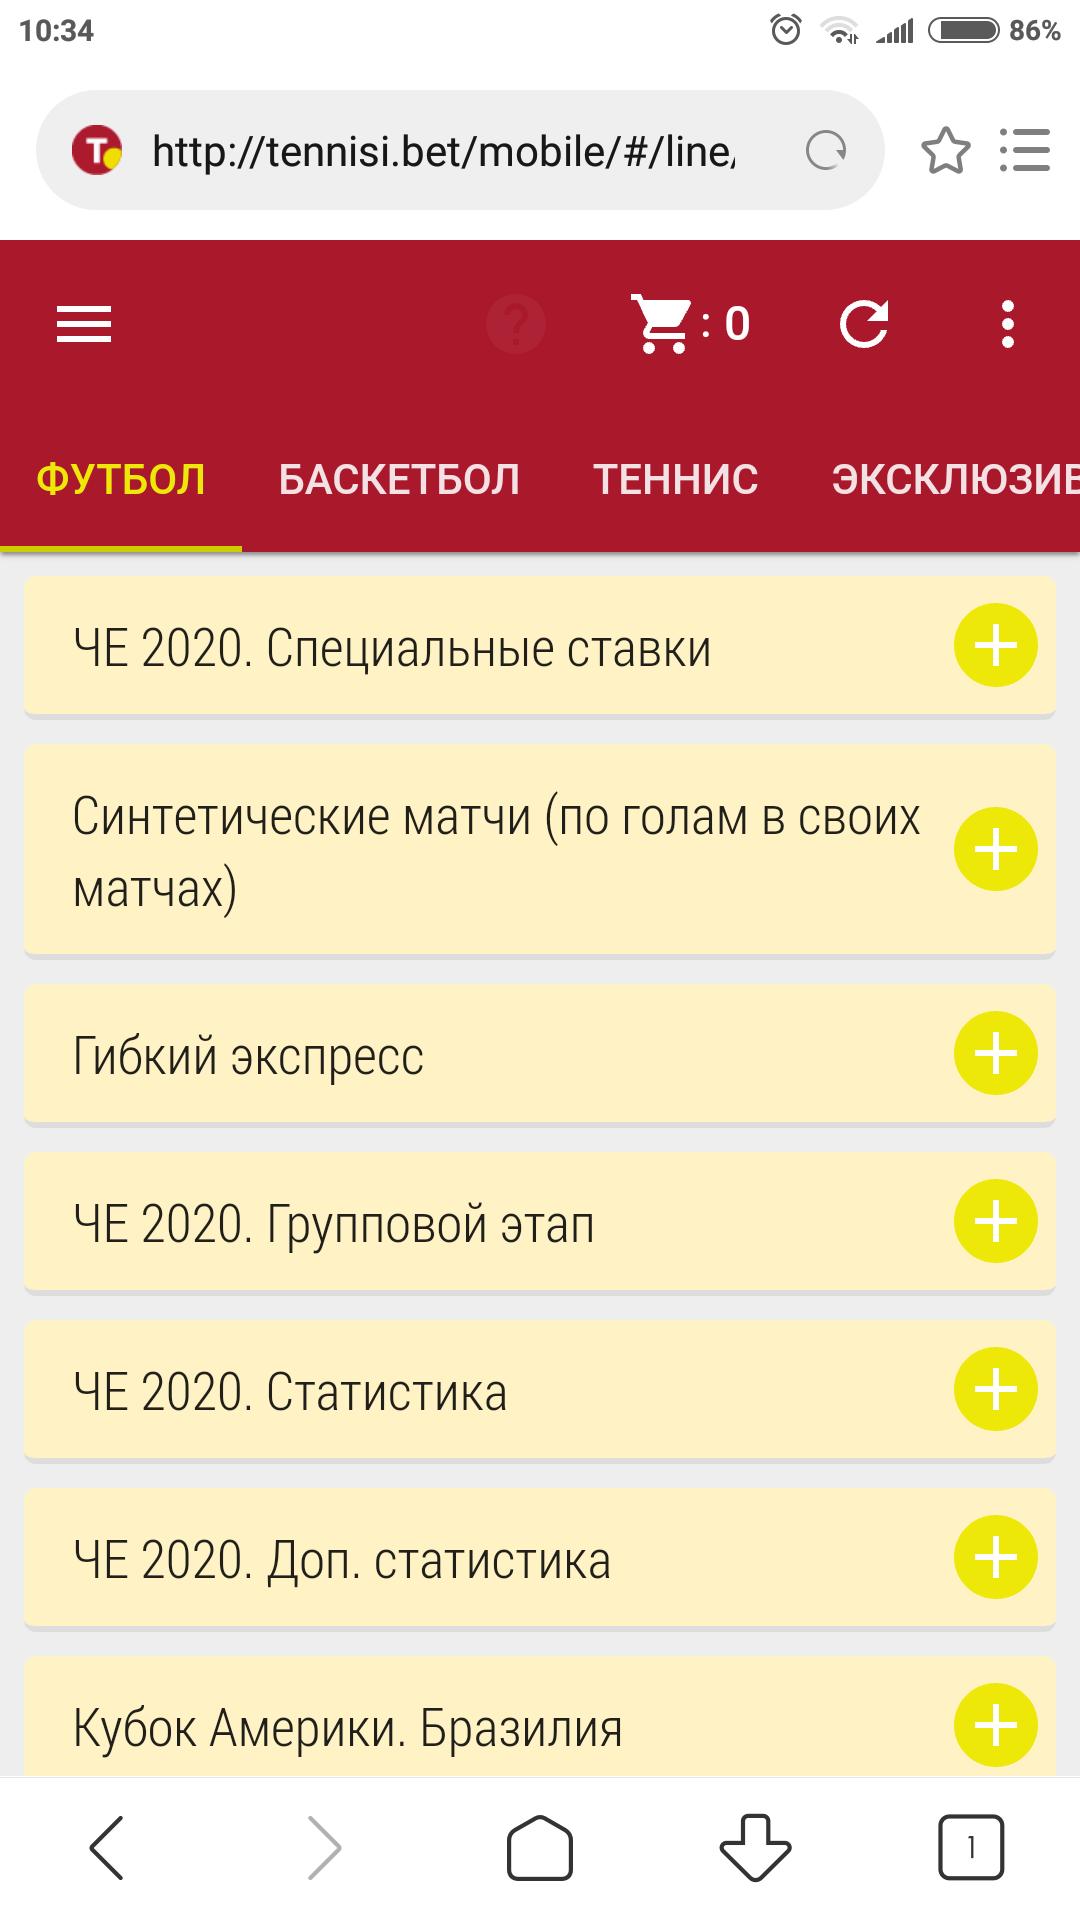 Оформление главной страницы Теннисибет